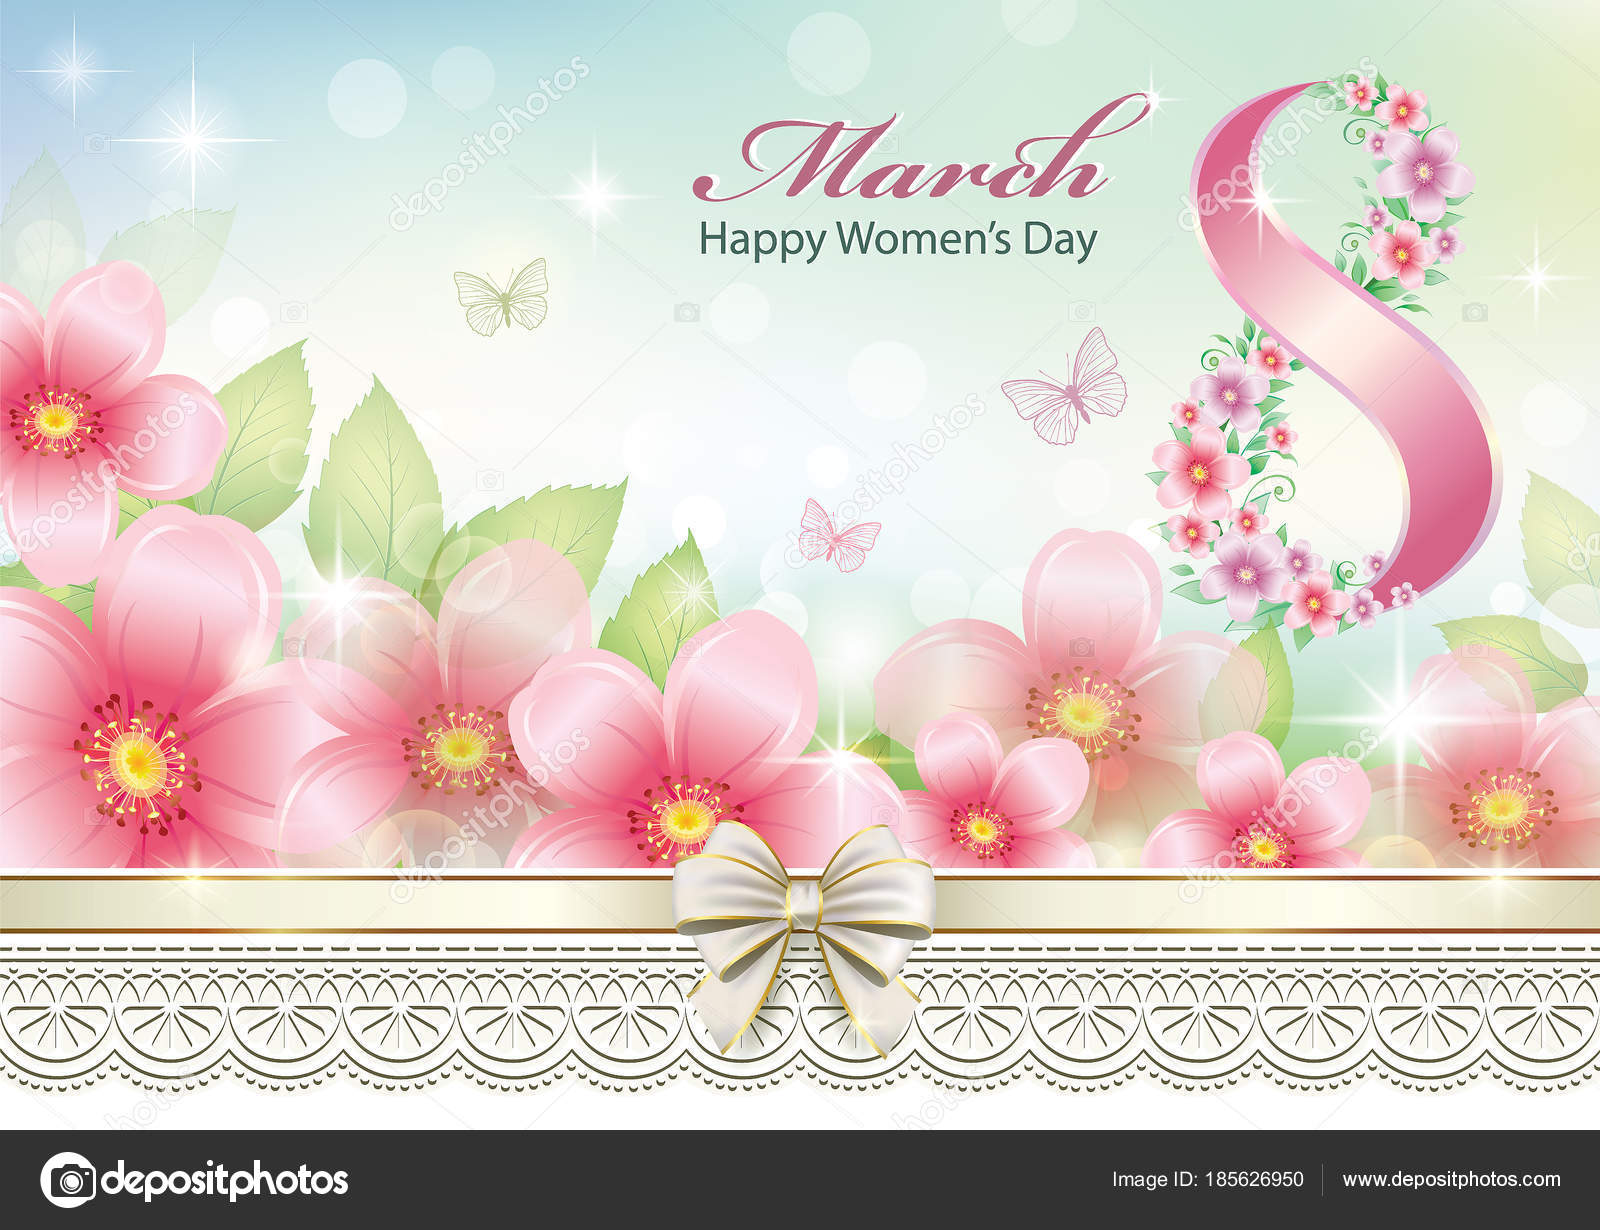 8 Mart Dünya Kadınlar Günü Tebrik Kartı Stok Vektör Seriga